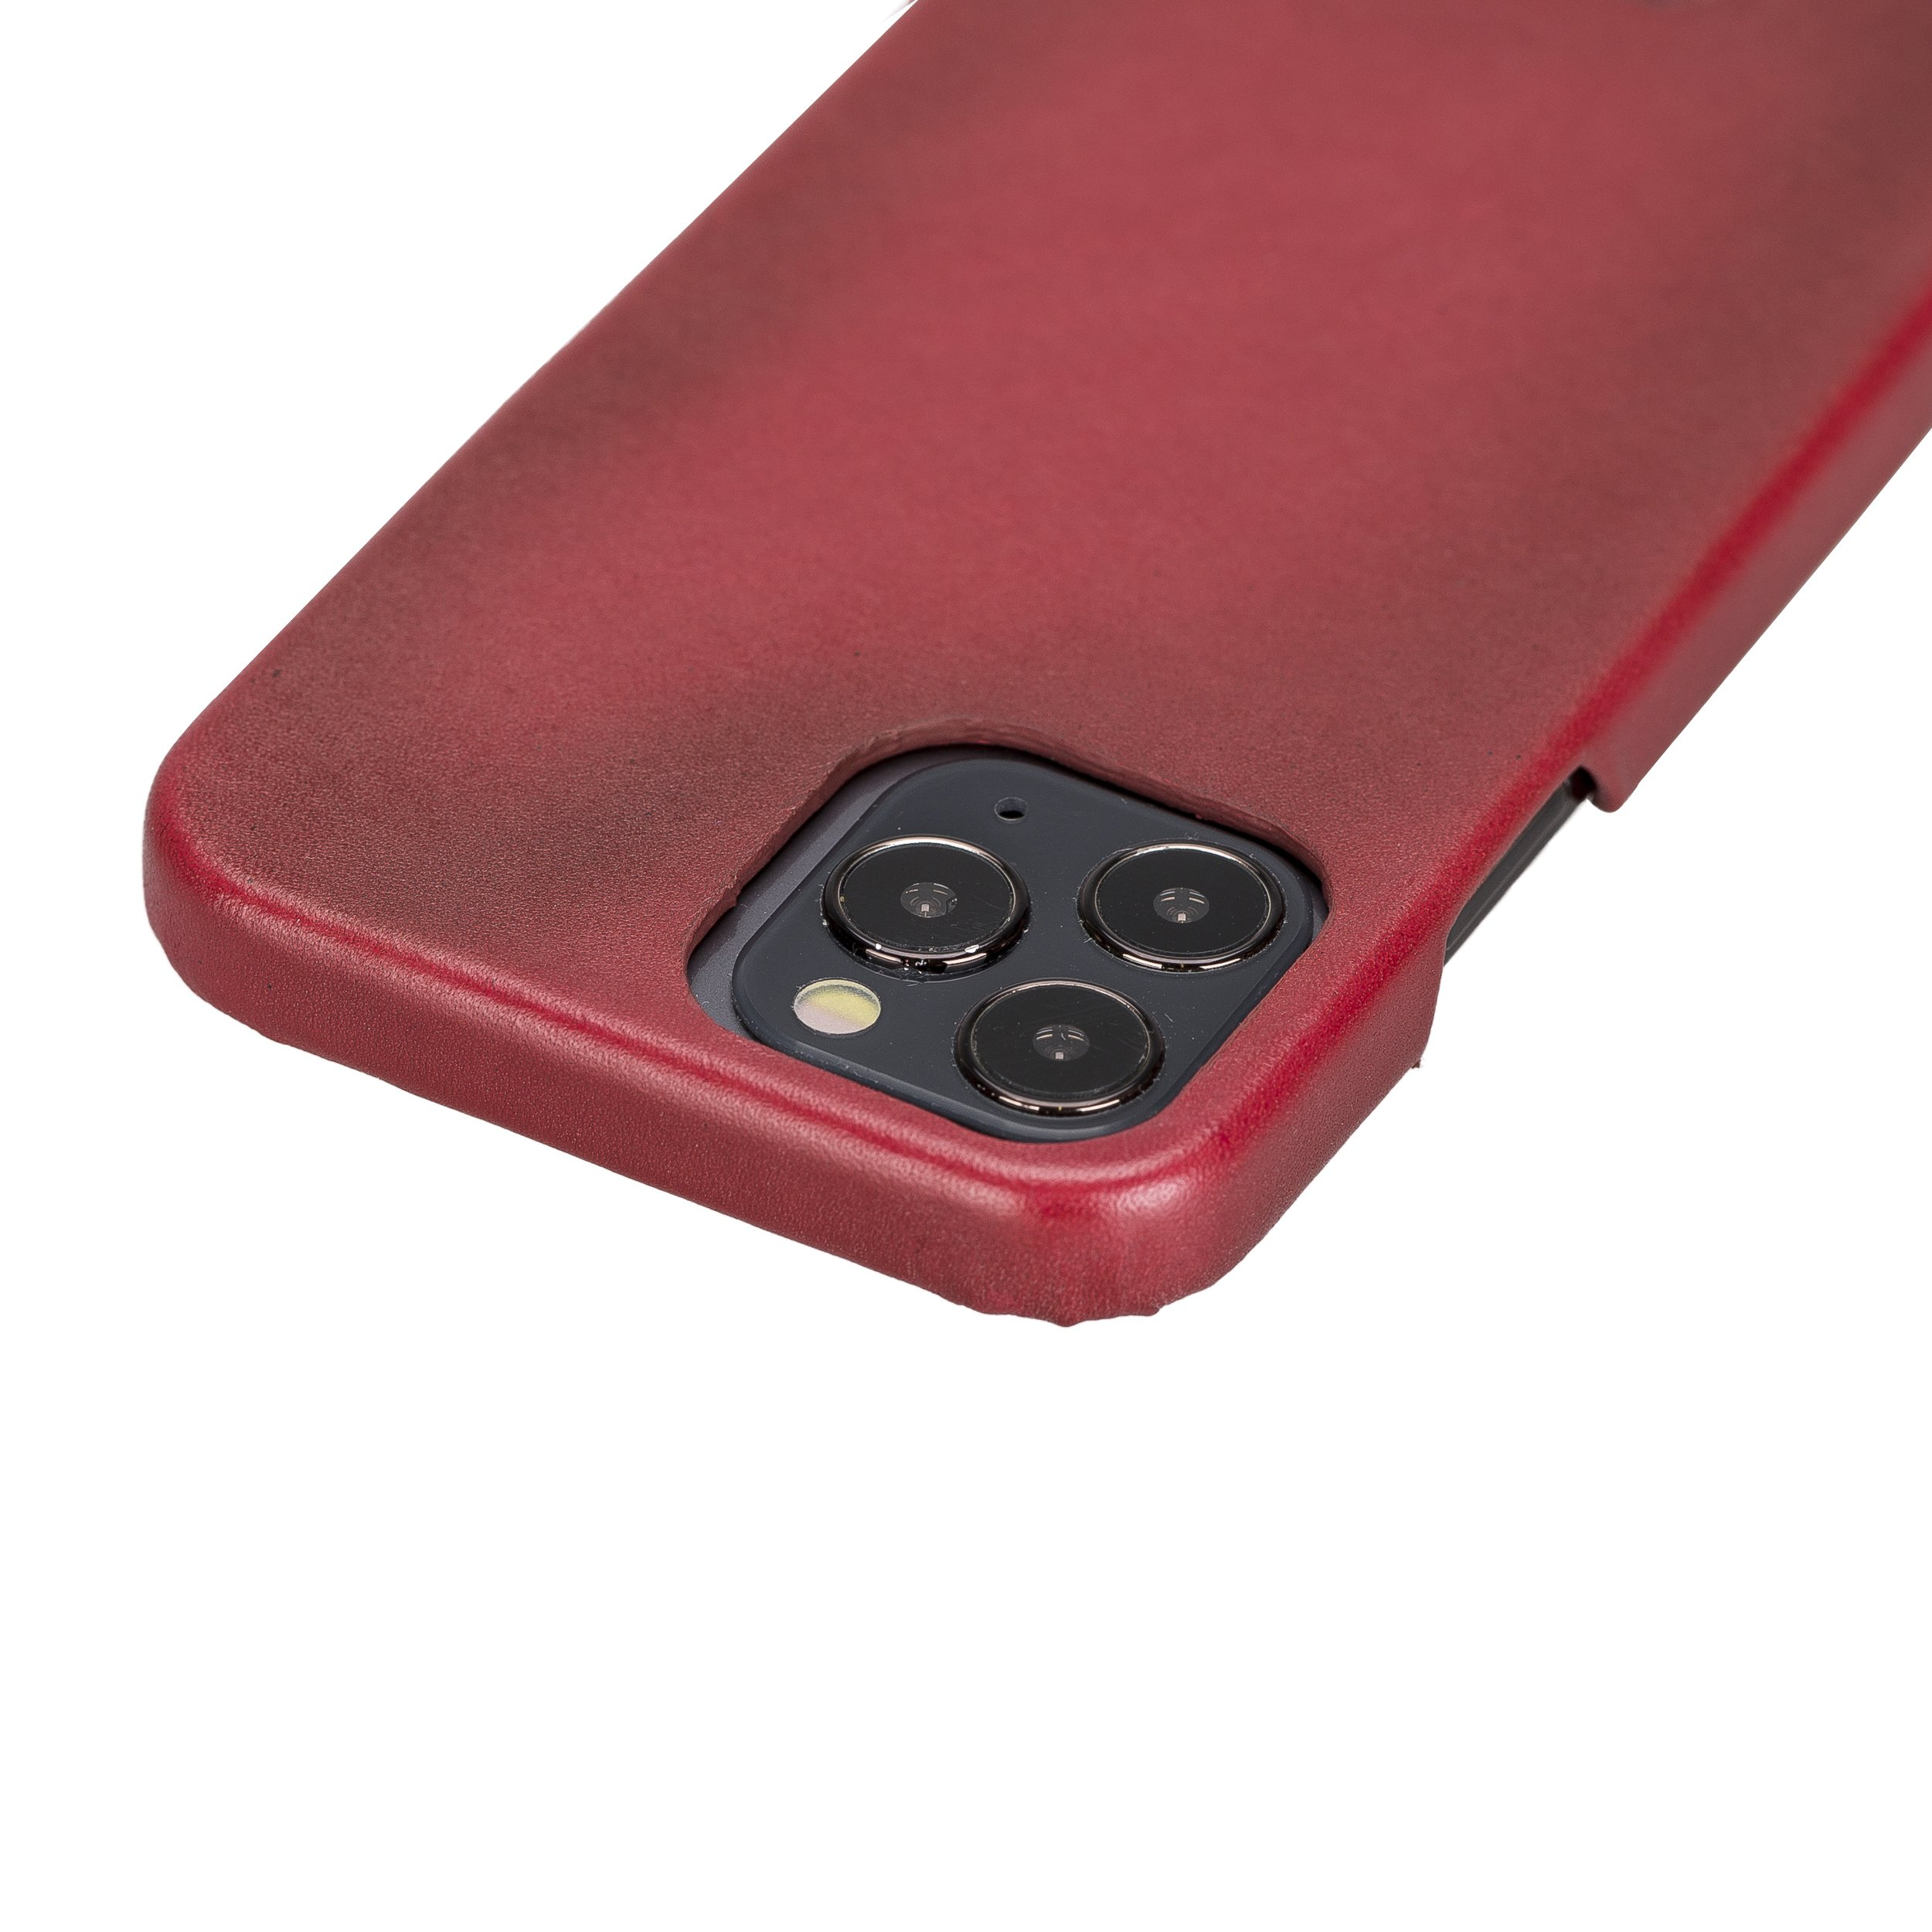 Solo Pelle Lederhülle für das iPhone 12 / iPhone 12 Pro in 6.1 Zoll Princeton Case Leder Hülle Ledertasche Backcover aus echtem Leder (Steingrau)